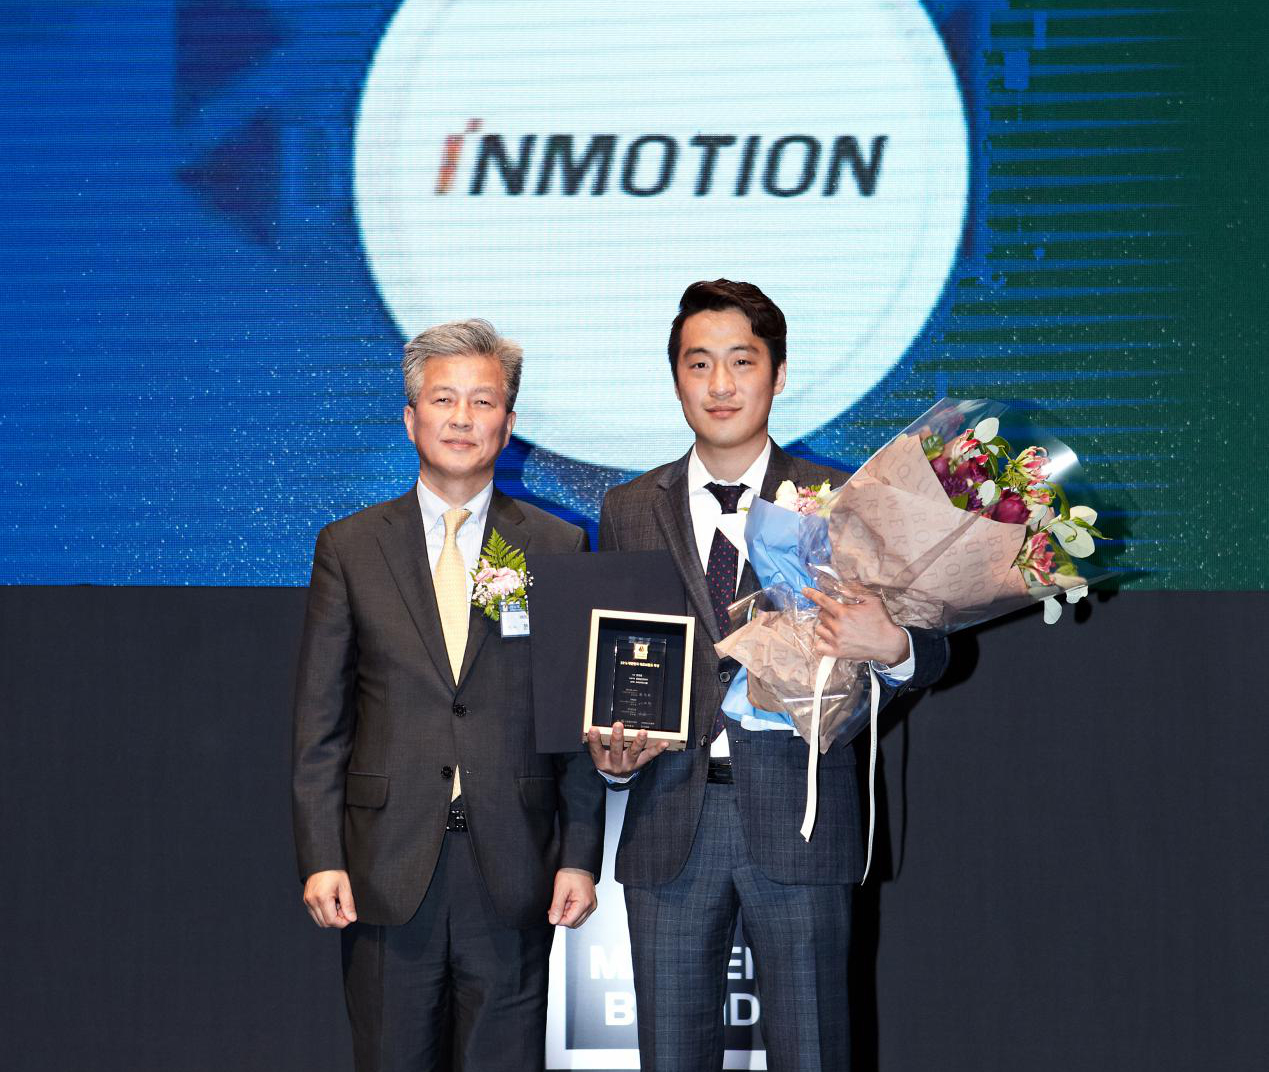 平衡车行业综合排名第一,乐行天下获韩国领军品牌称号